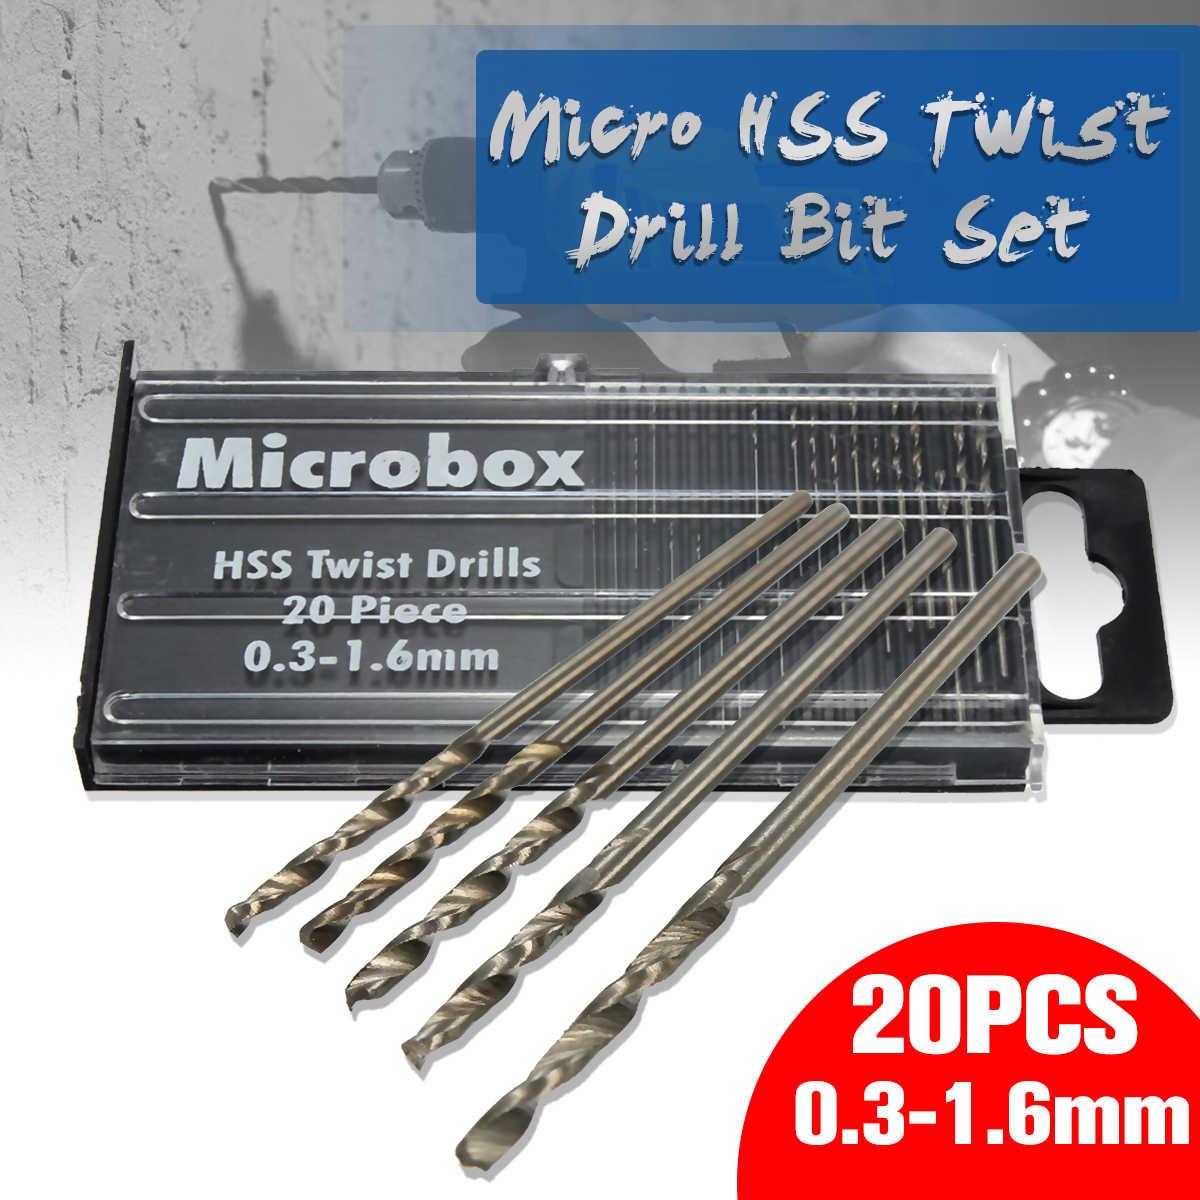 Tiny Drill Bits Hss Twist Drill Bits Set with Box Tiny Micro Drill Bits Kit Hss High Speed Steel Twist Drill Bits Small Drill Bits 0.3 to 1.6 Mm 20pcs